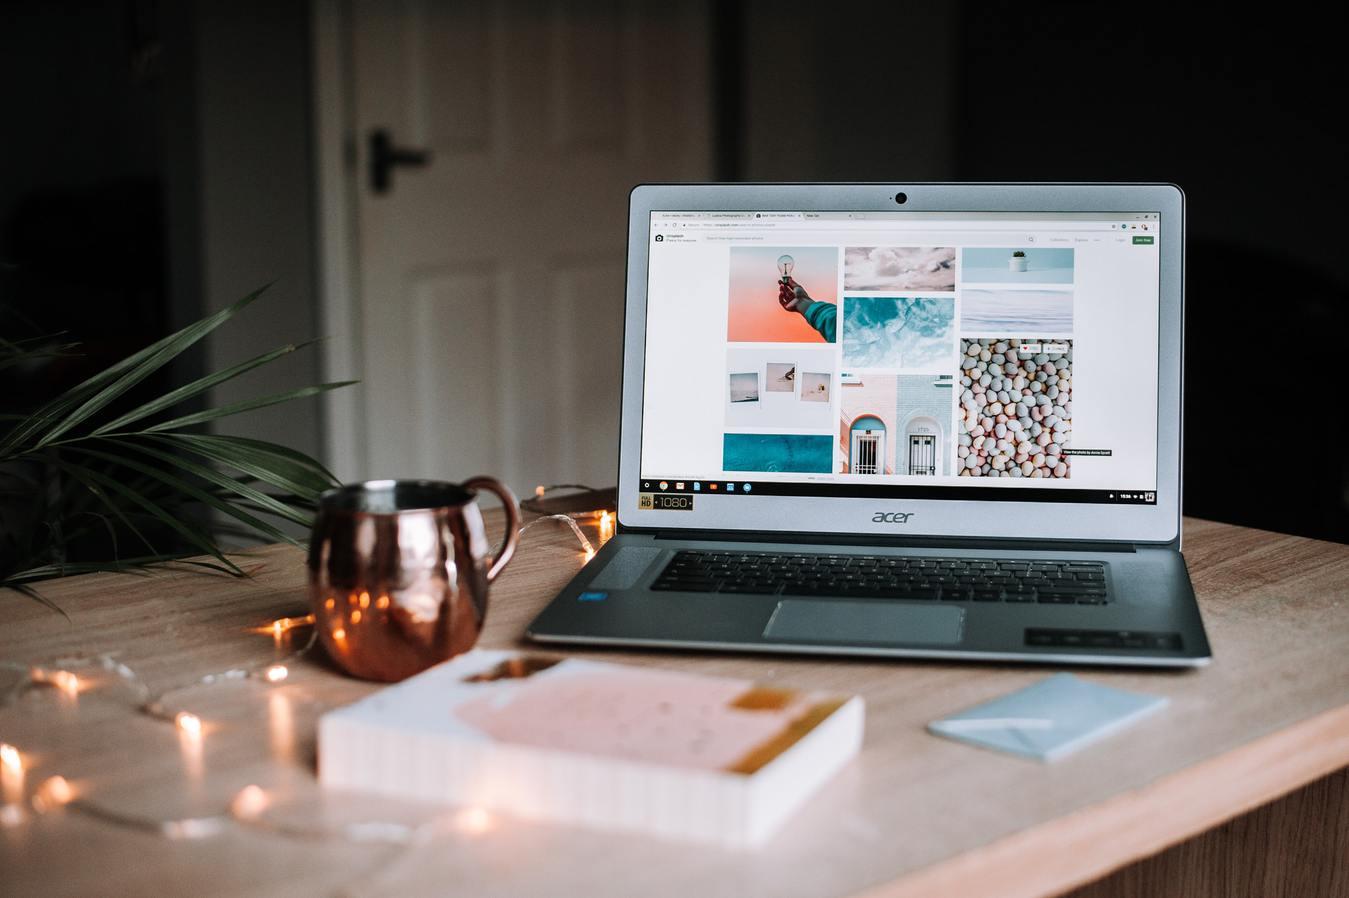 Luzes pisca-pisca ao lado de notebook mostrando site